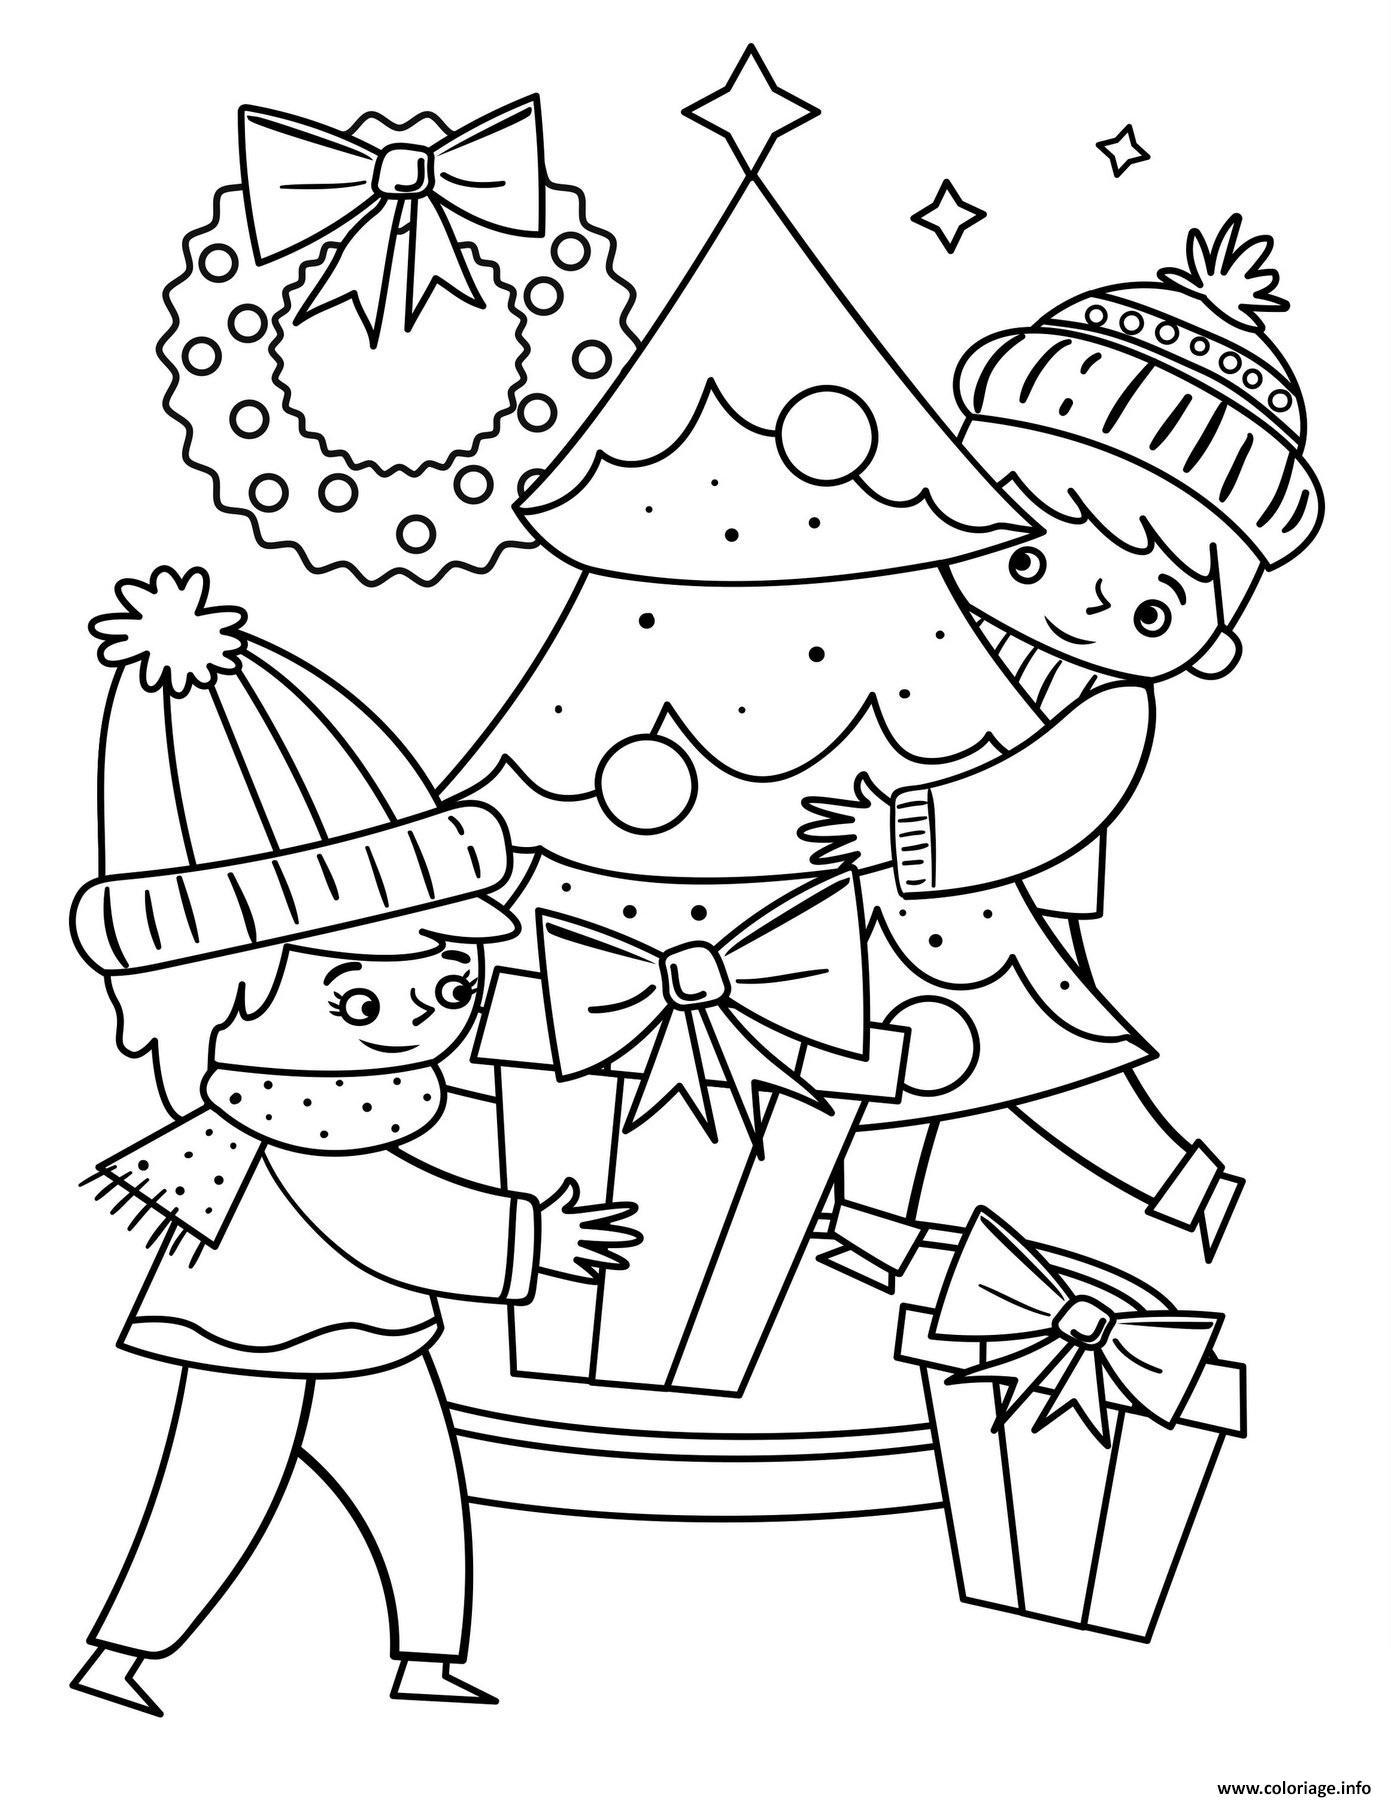 Dessin les enfants autour du sapin de noel avec des cadeaux Coloriage Gratuit à Imprimer